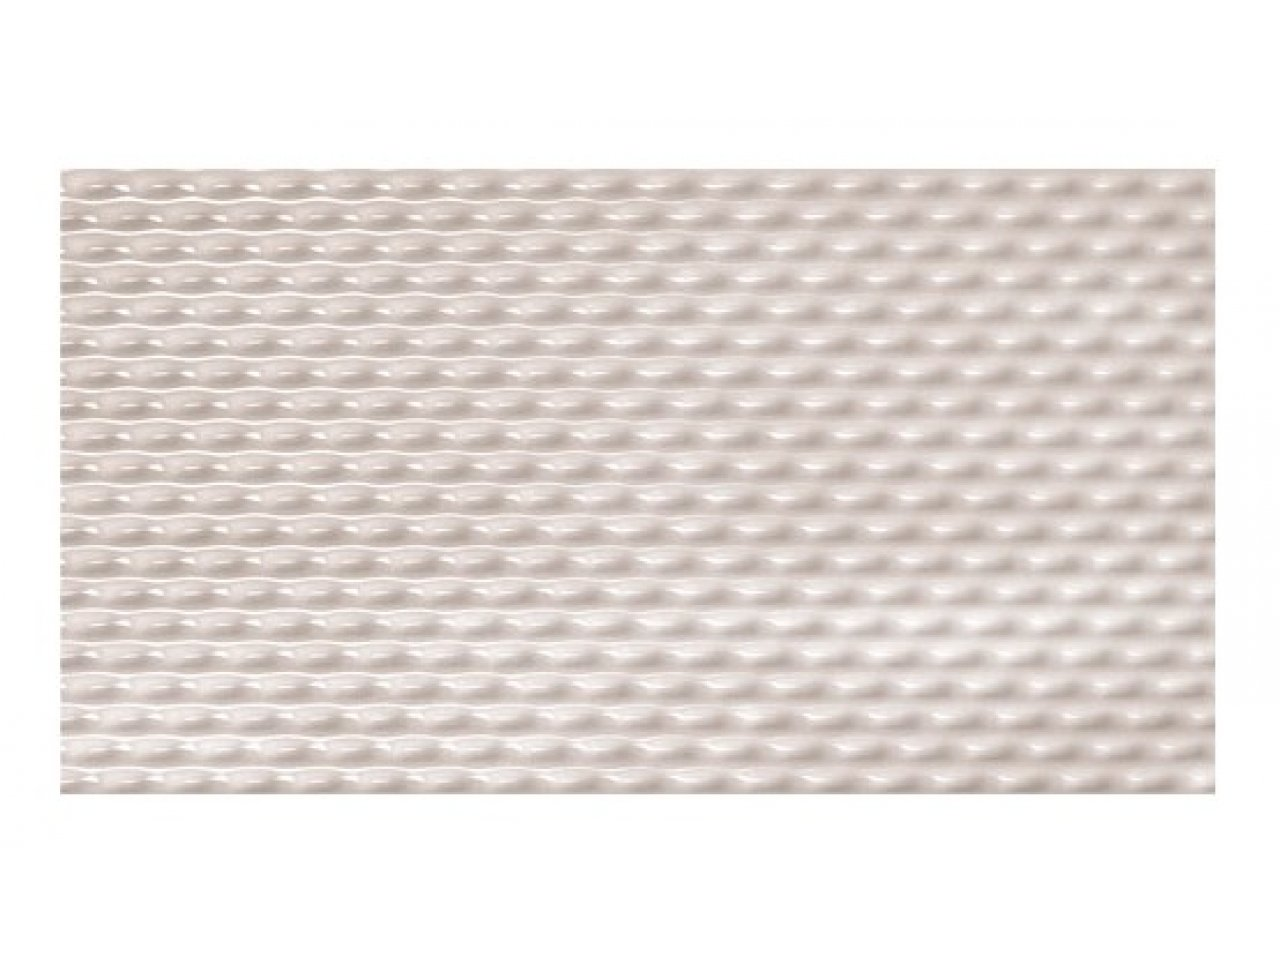 Настенная плитка FAP Frame Knot Talc 30.5 x 56 см, Арт. fLEK